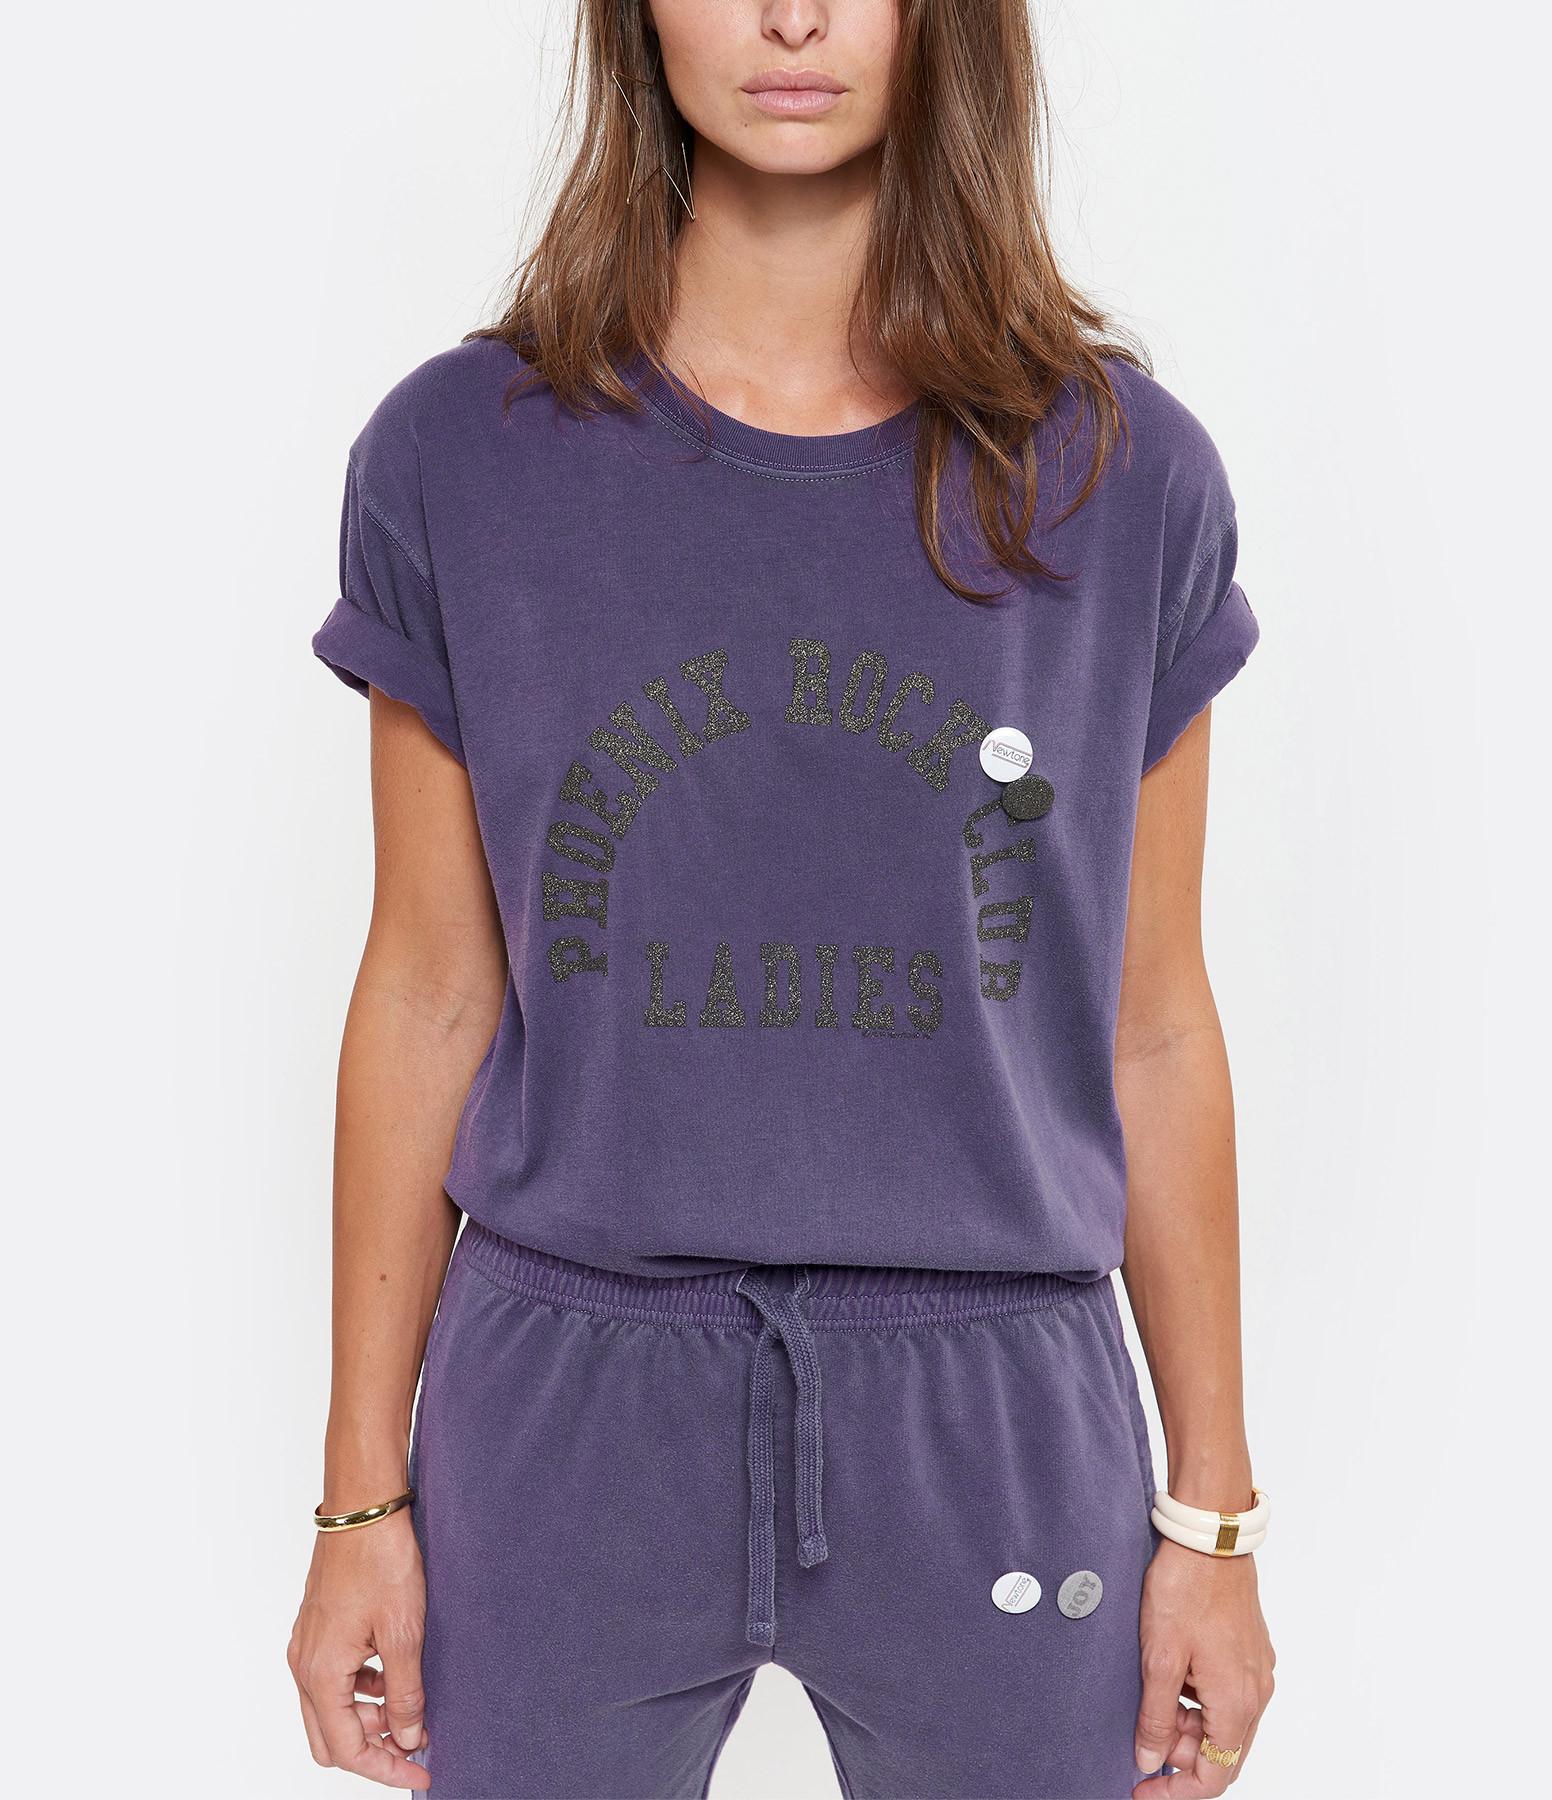 NEWTONE - Tee-shirt Phoenix Coton Violet Grappe